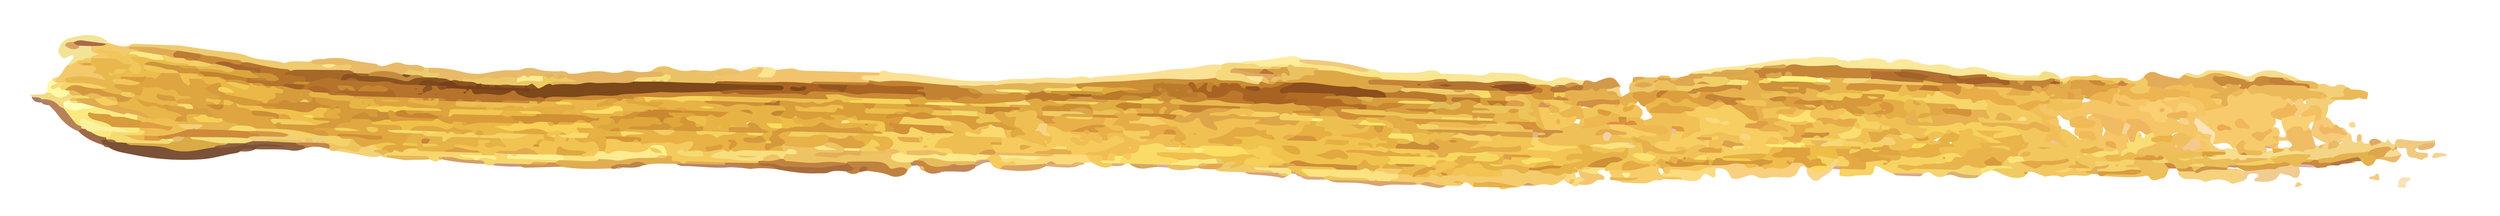 gold brush stroke.jpg